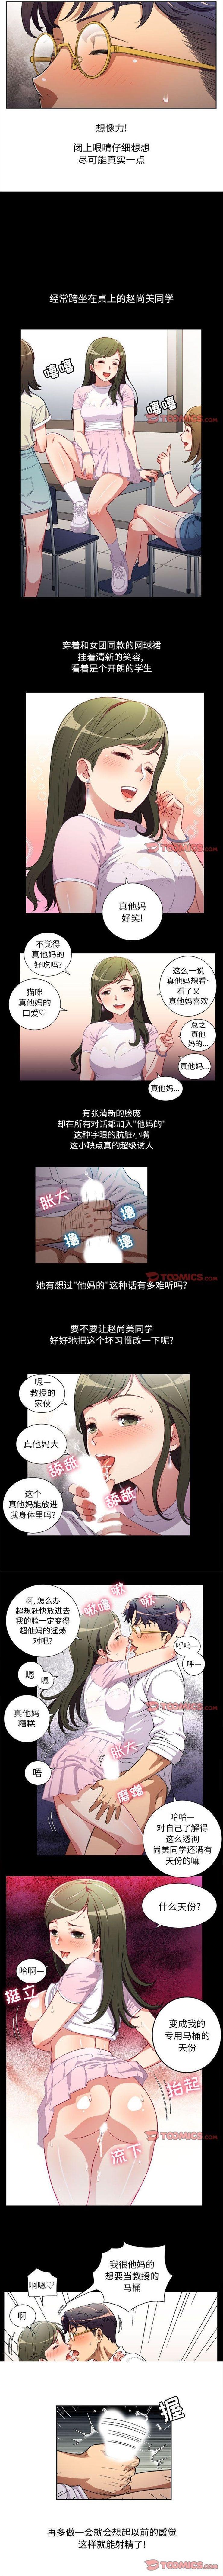 由莉的秘密1-60 中文翻译 (更新中) 247